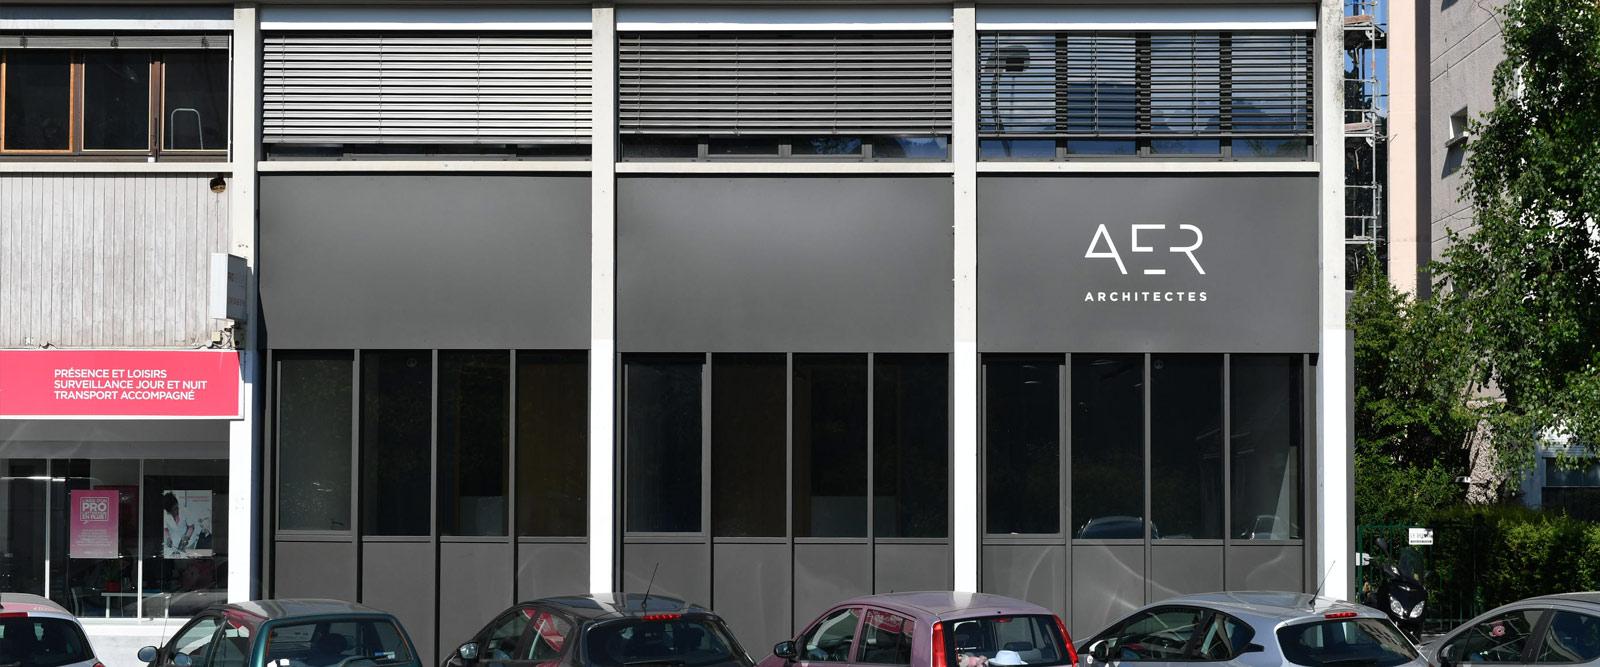 AER-Architectes-Agence-09